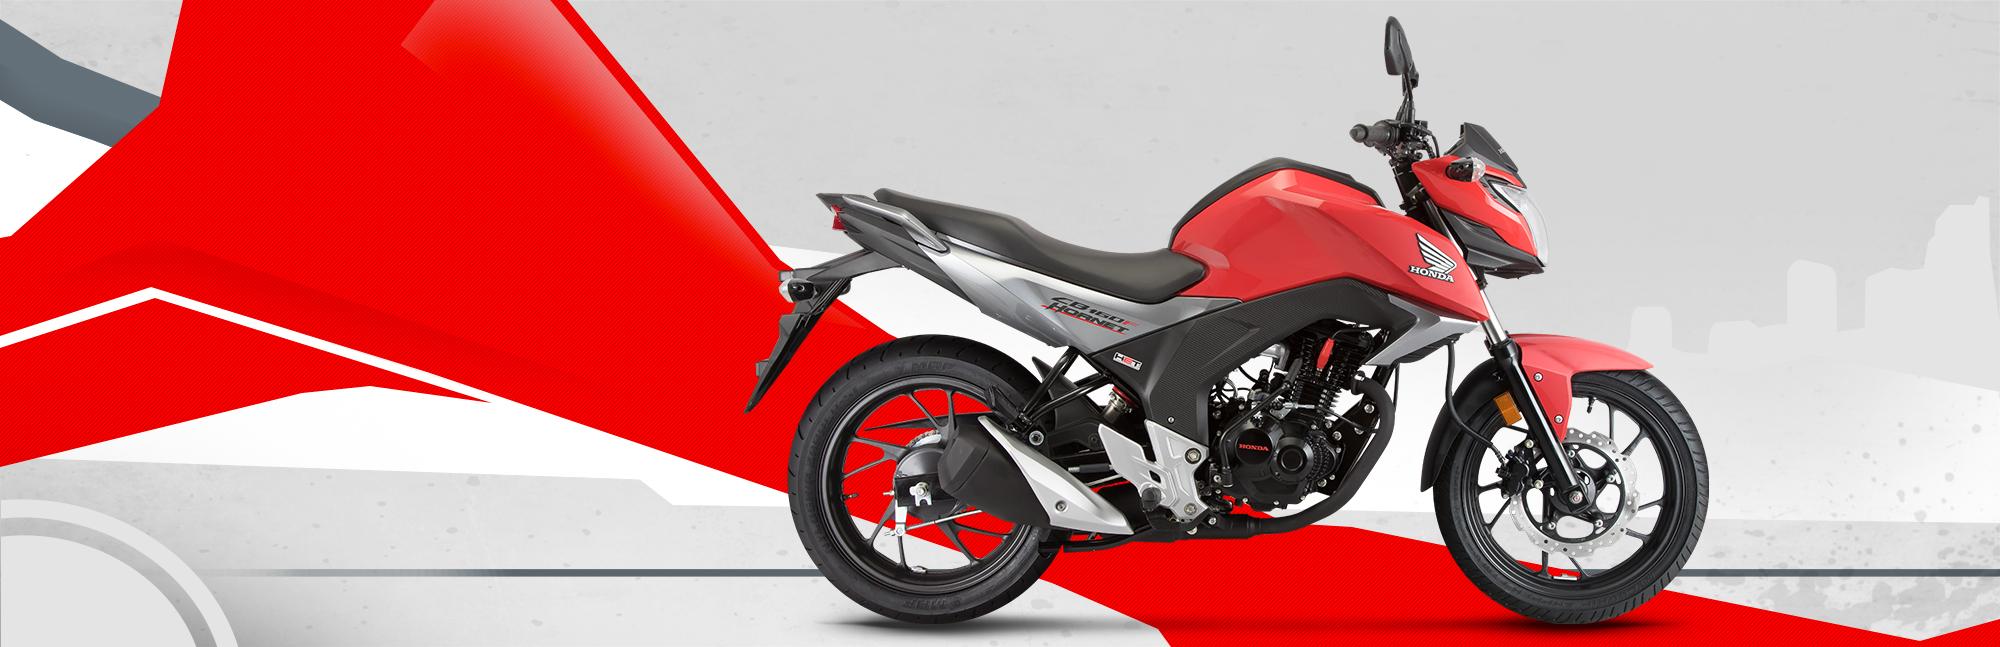 2015 Honda Xr650L >> Motos Honda Costa Rica | CB160F HORNET